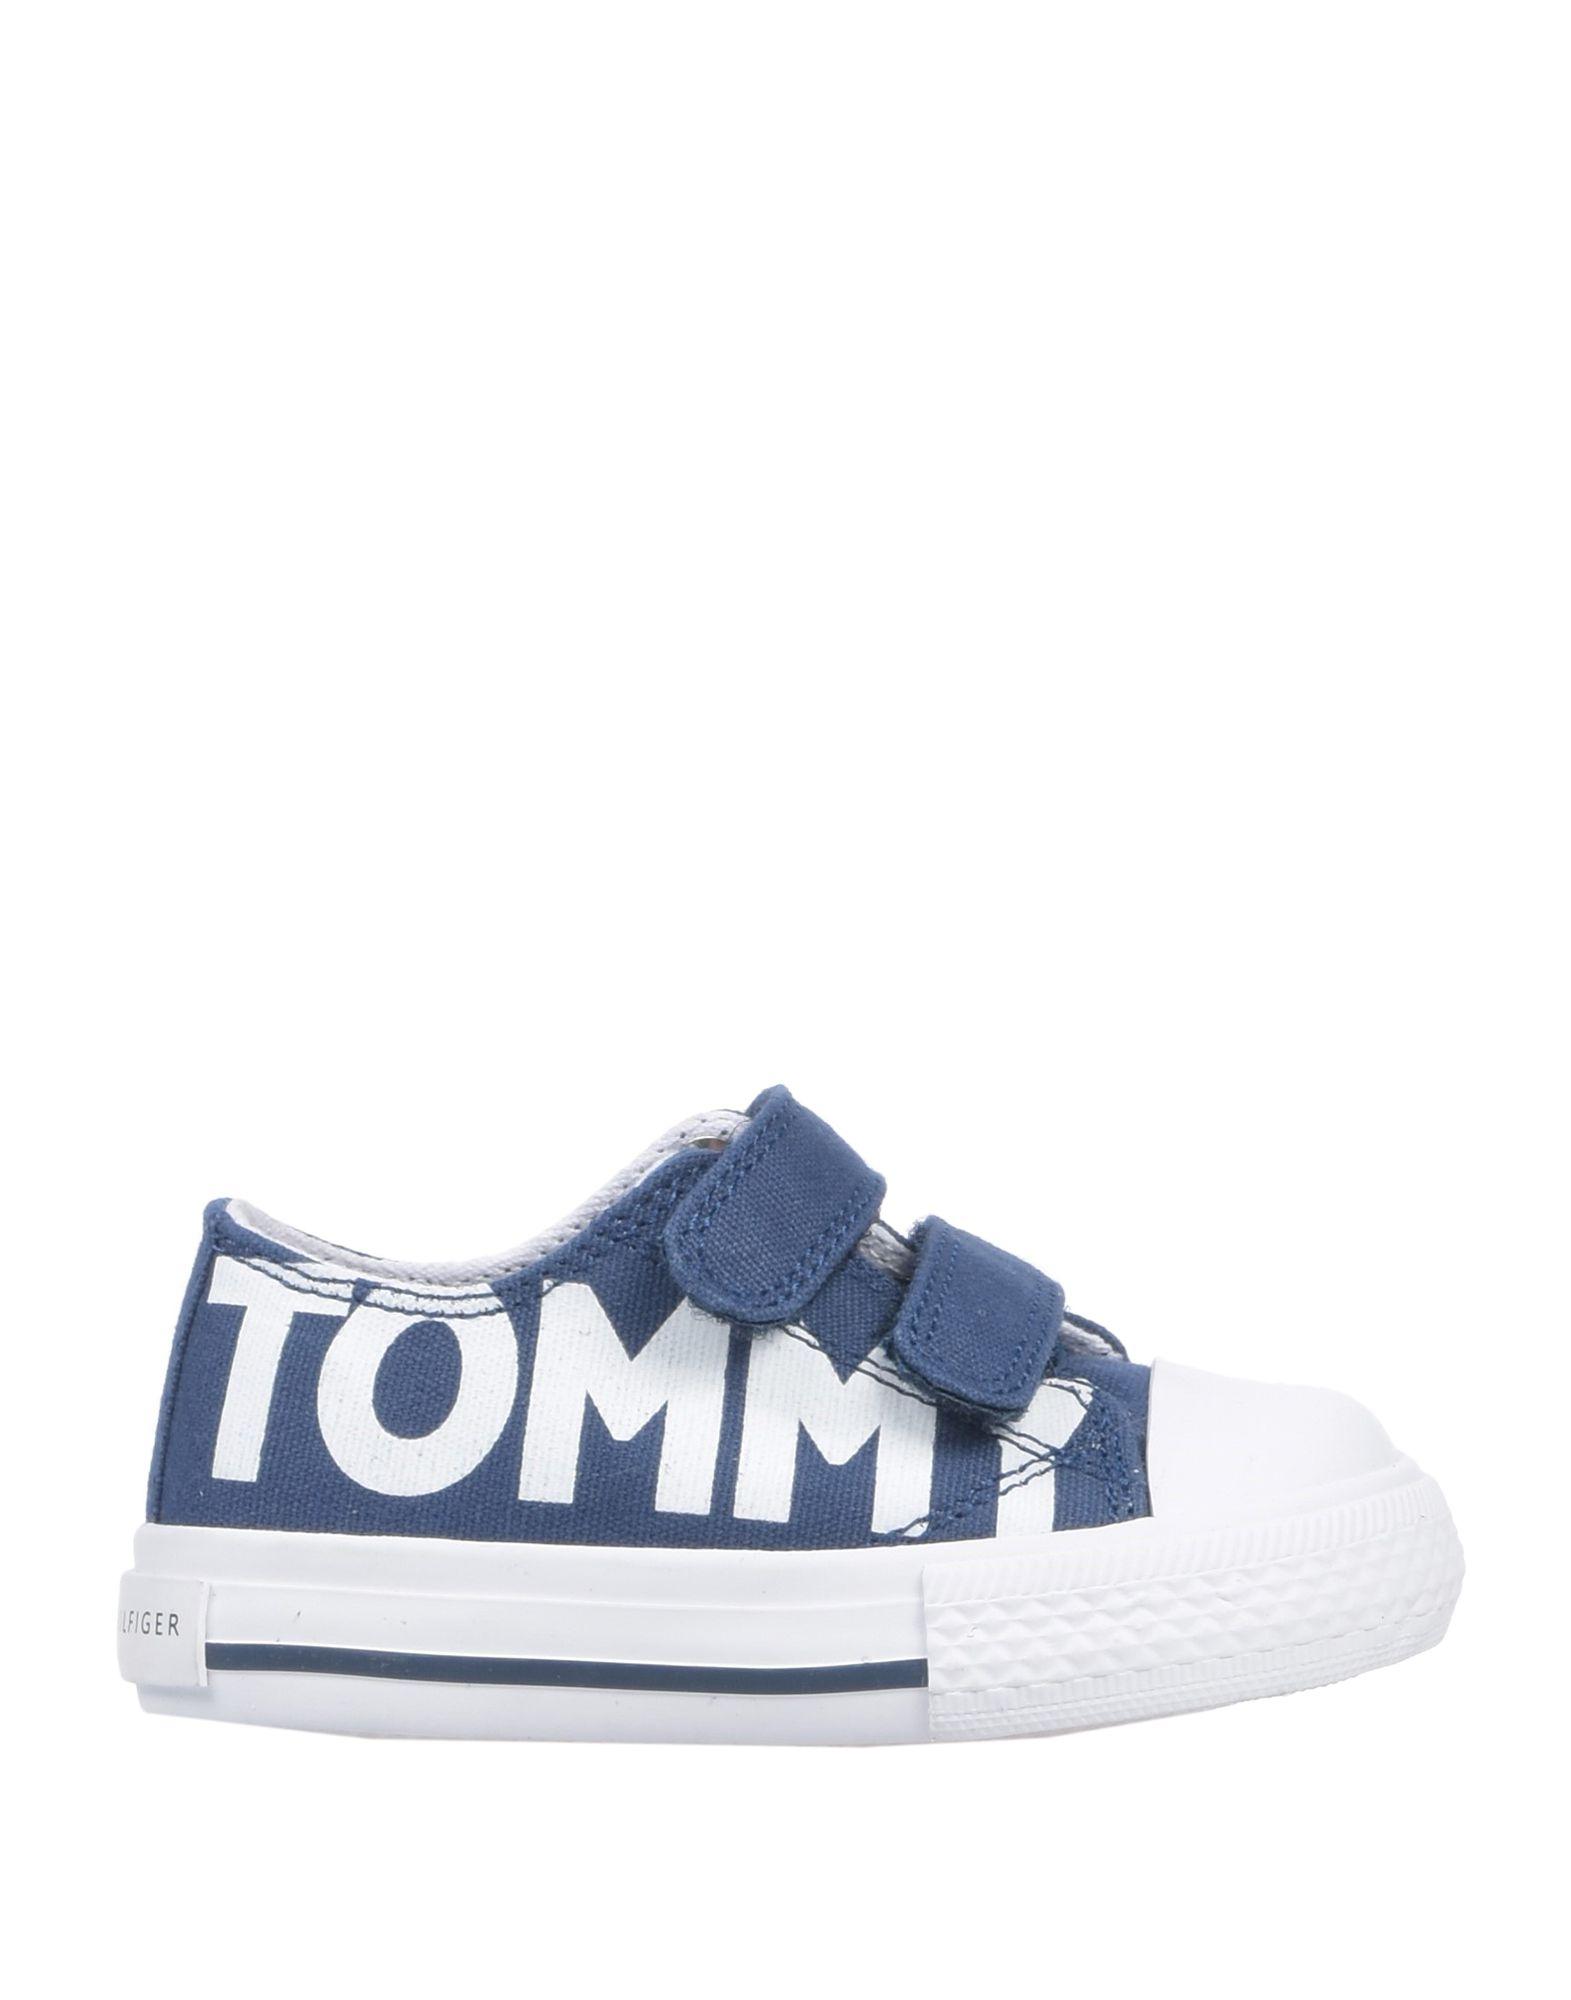 65eac13c1c7 Παπούτσια Αγόρι Tommy Hilfiger 0-24 μηνών - Παιδικά ρούχα στο YOOX